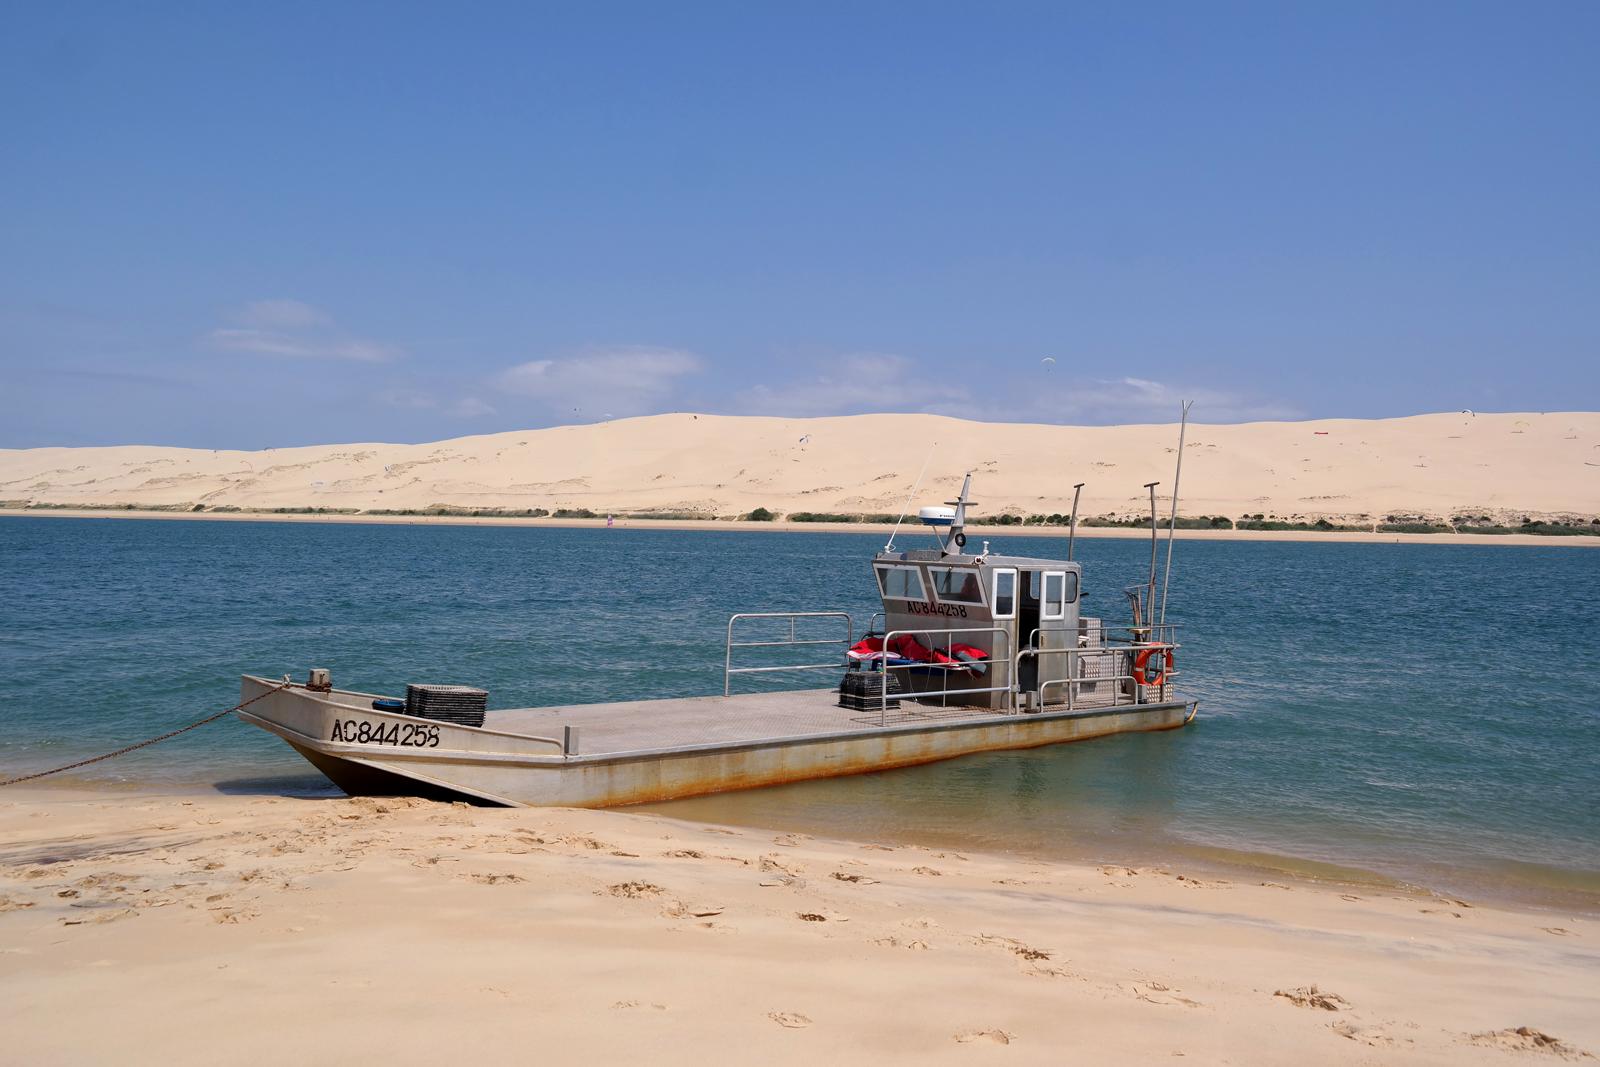 Bateau Eole Eric Daugès ostréiculteur Bassin d Arcachon Dune du Pyla tourisme vacances expérience sortie à la marée photo usofparis blog